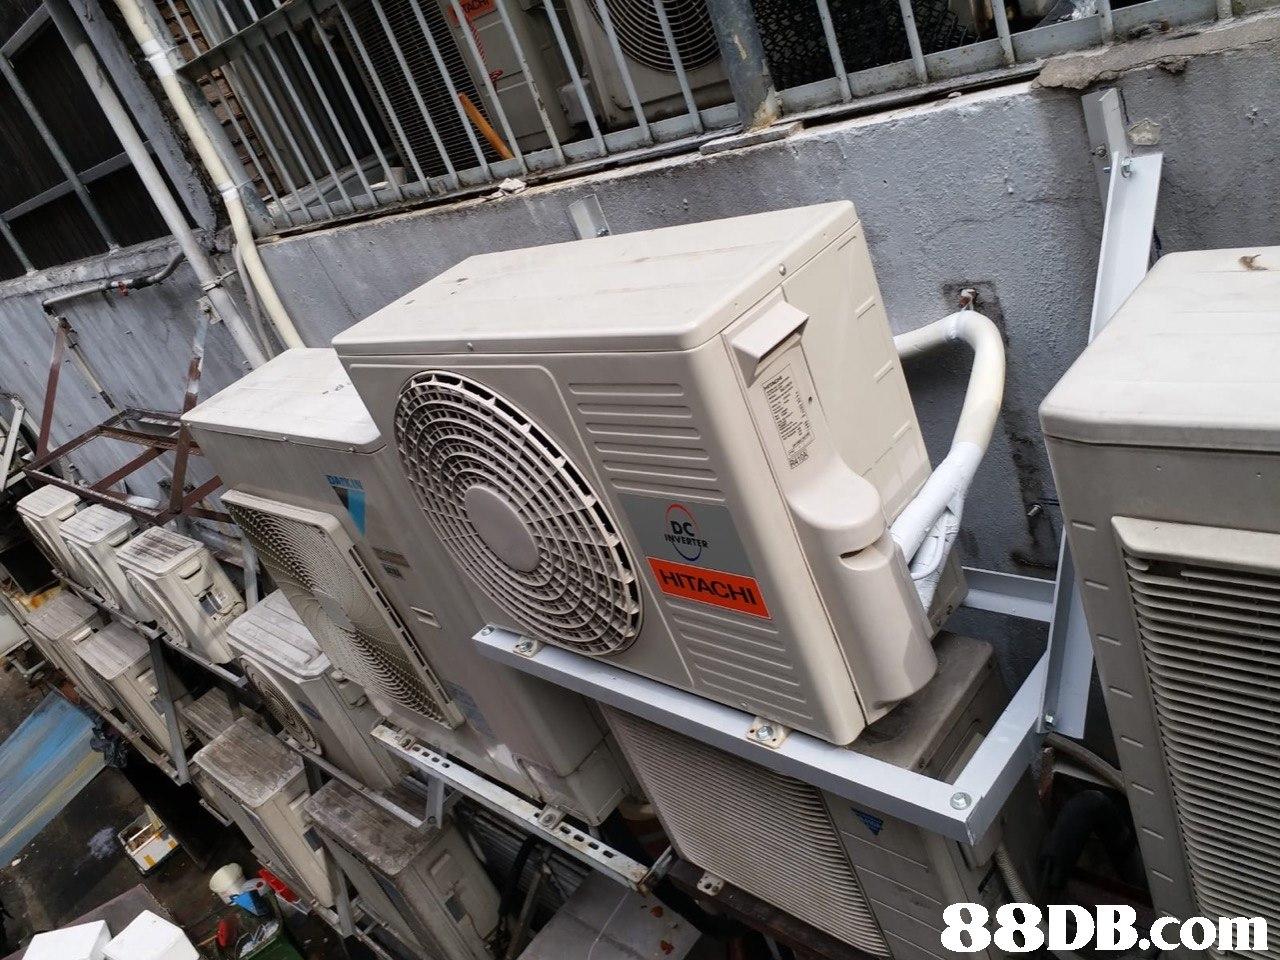 DC HITACHI  1  Technology,